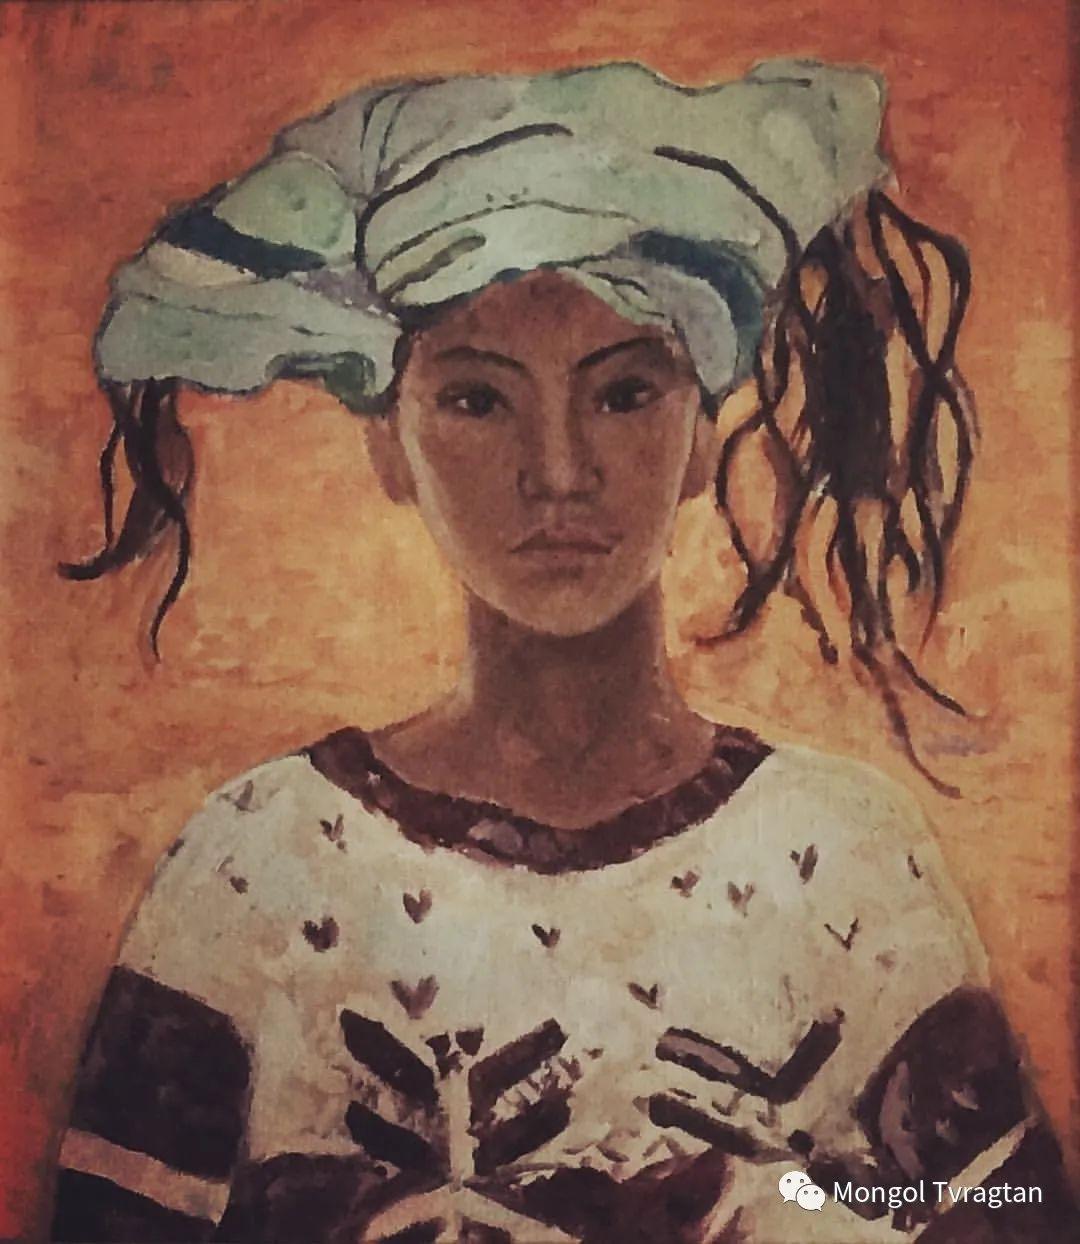 ᠤᠷᠠᠨ ᠵᠢᠷᠤᠭ -ᠪ᠂ ᠰᠠᠷᠨᠠᠢ  萨日乃美术作品 第7张 ᠤᠷᠠᠨ ᠵᠢᠷᠤᠭ -ᠪ᠂ ᠰᠠᠷᠨᠠᠢ  萨日乃美术作品 蒙古画廊